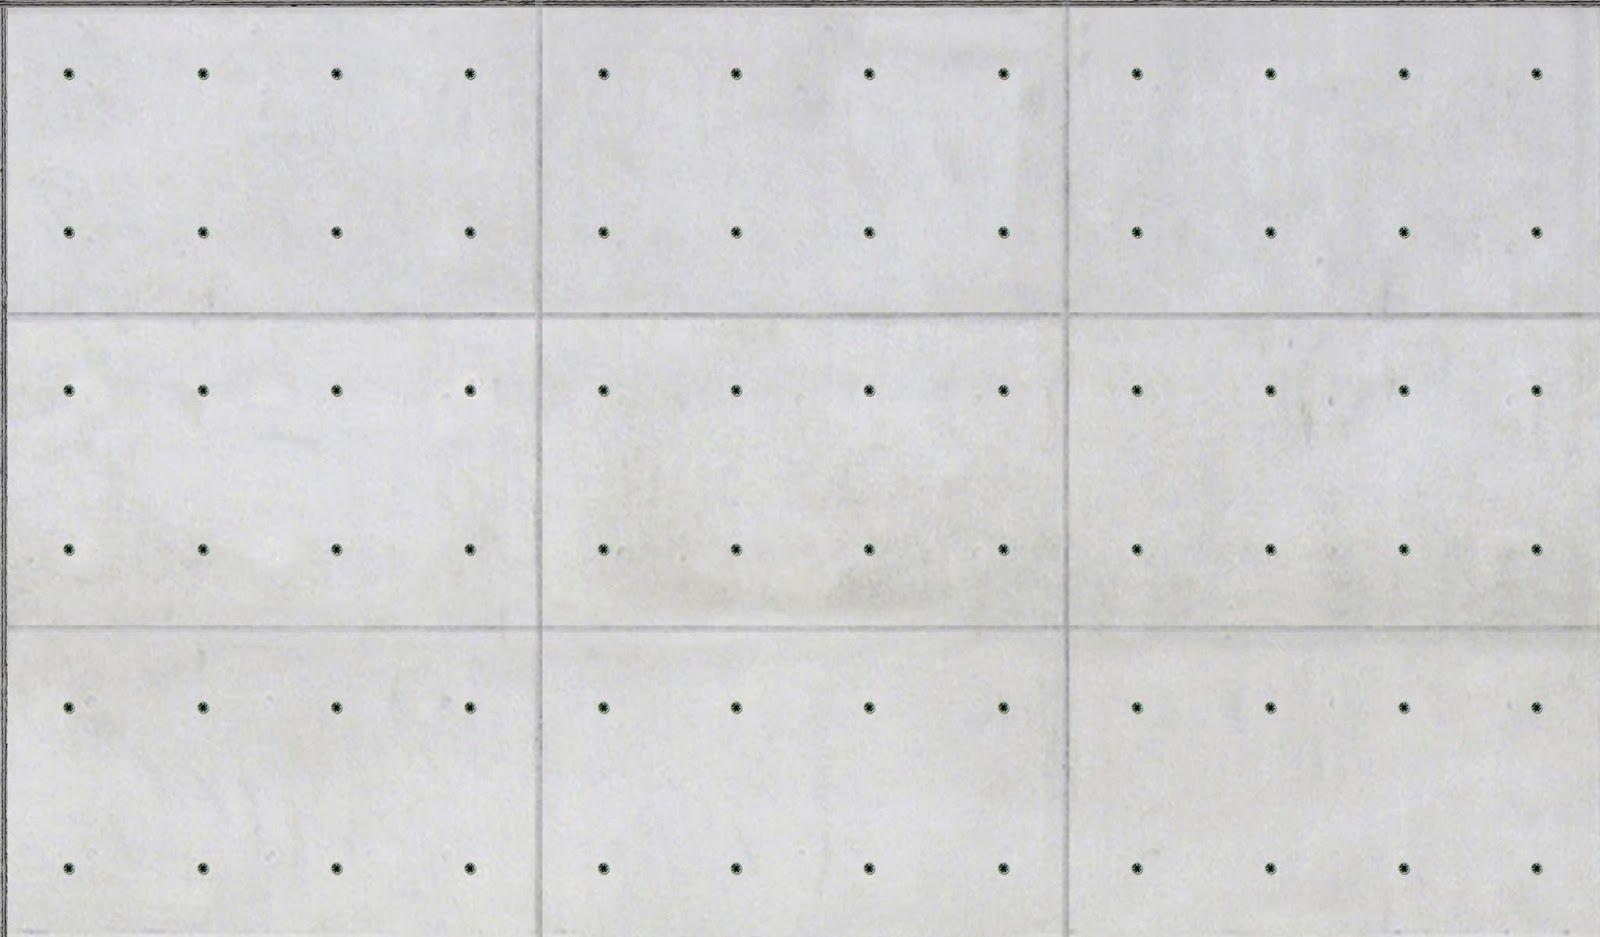 Concrete Panels Texture